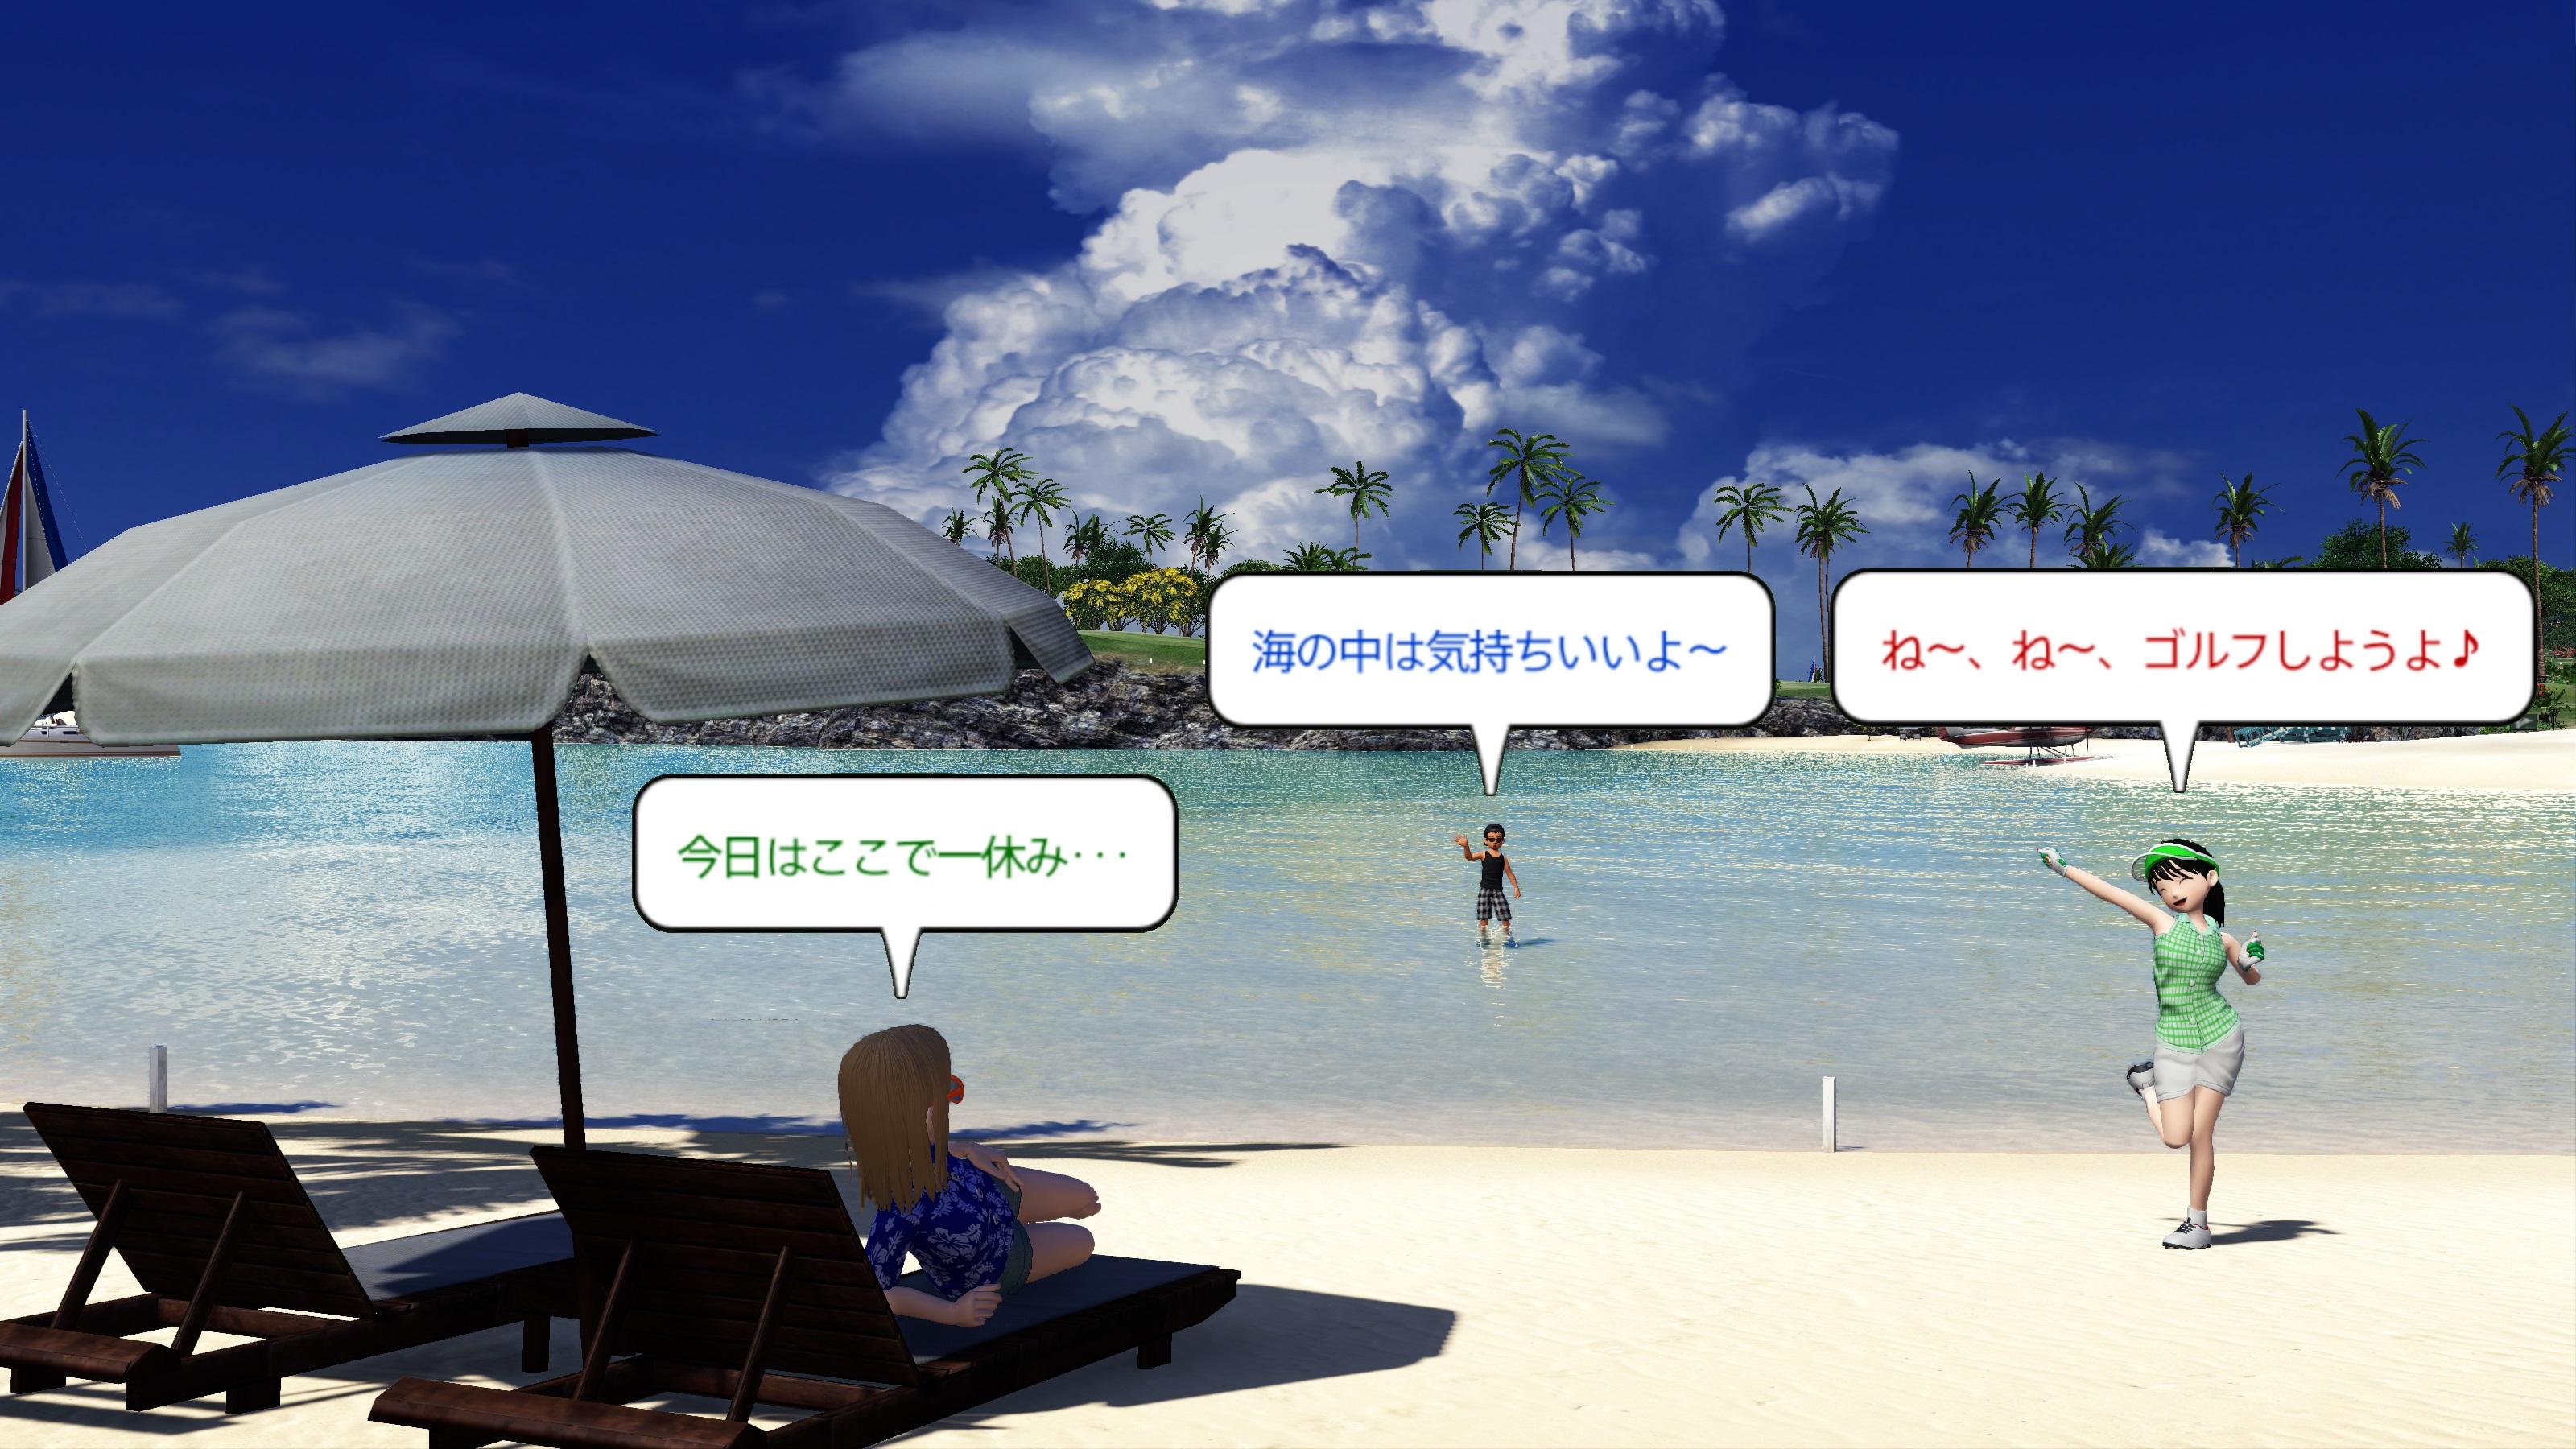 3sRU7yWS5taZu - PS4『New みんなのGOLF』が海外で大好評 キャラクターを日本人にしか受けない気持ち悪い造形から脱却できた事も勝因とのこと